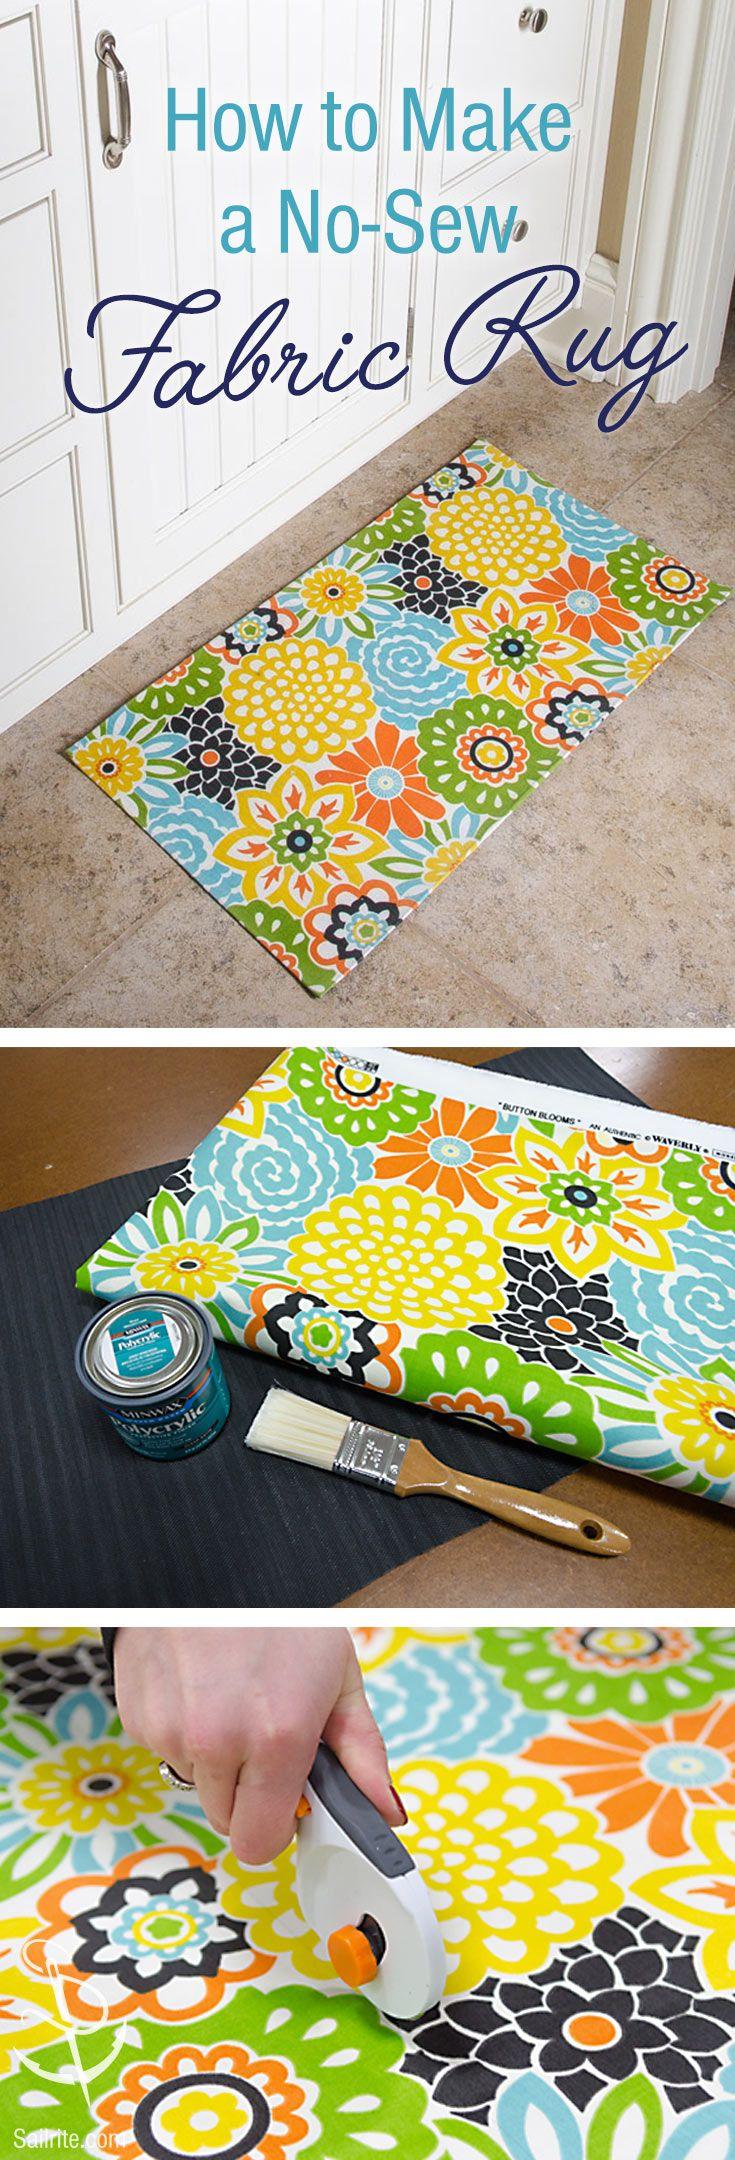 How To Make A No Sew Fabric Rug Fabric Rug Diy Rug Diy Fabric